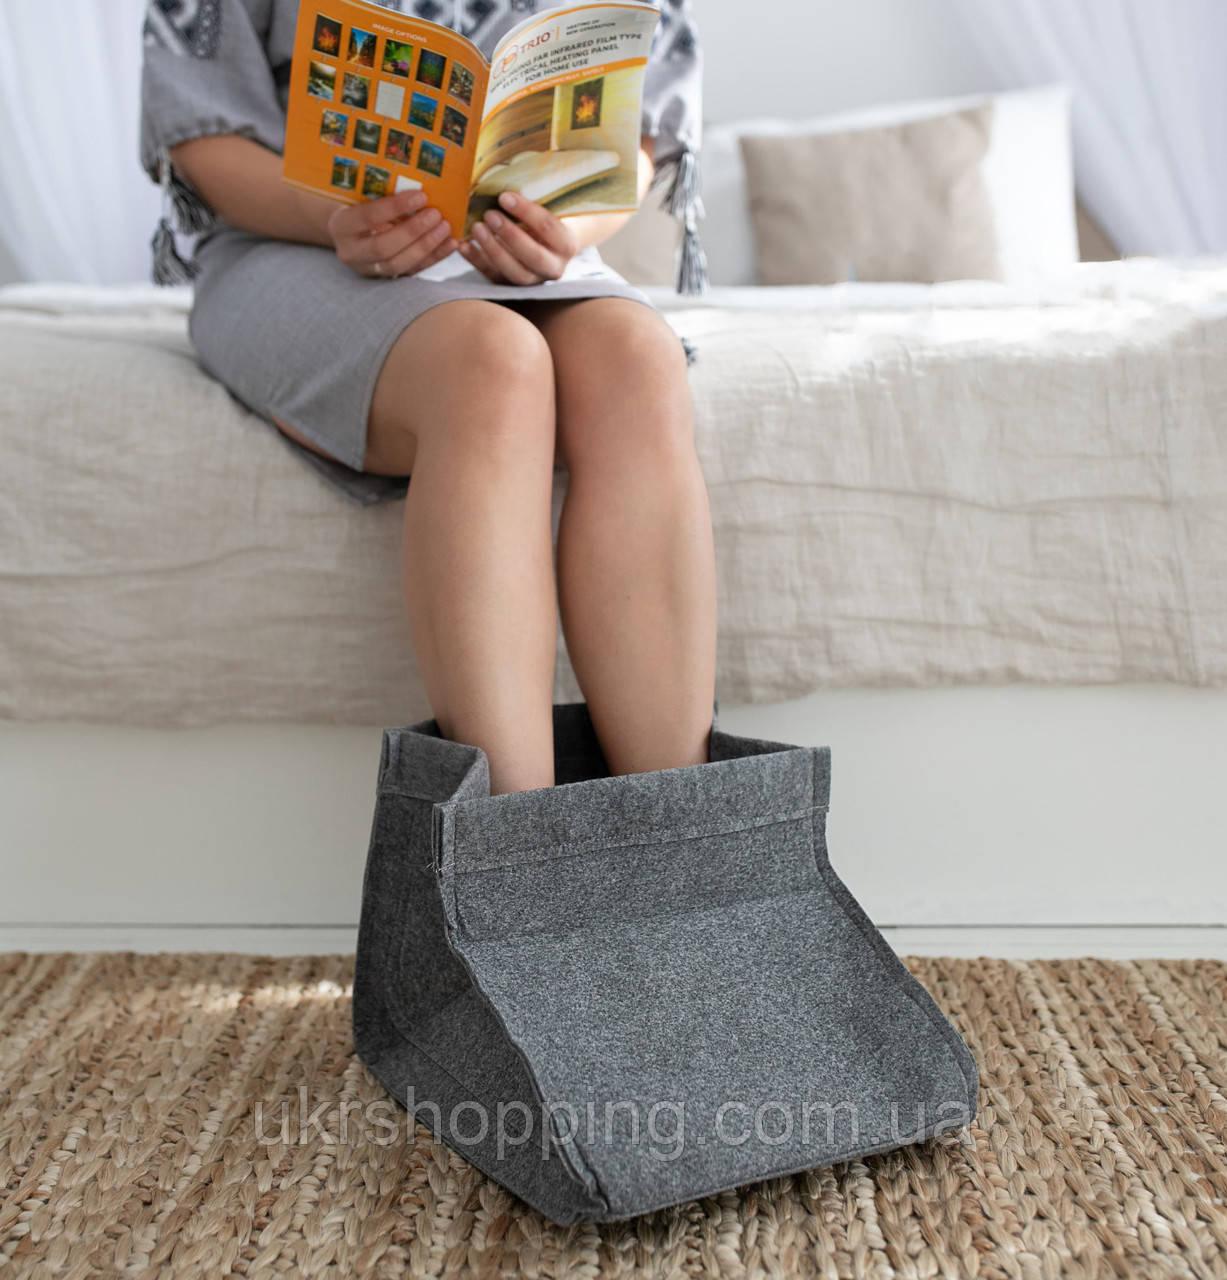 Электрическая грелка для ног Сапожок, Серый, Трио 02201, грелка для ног электрическая   грілка для ніг (SH)